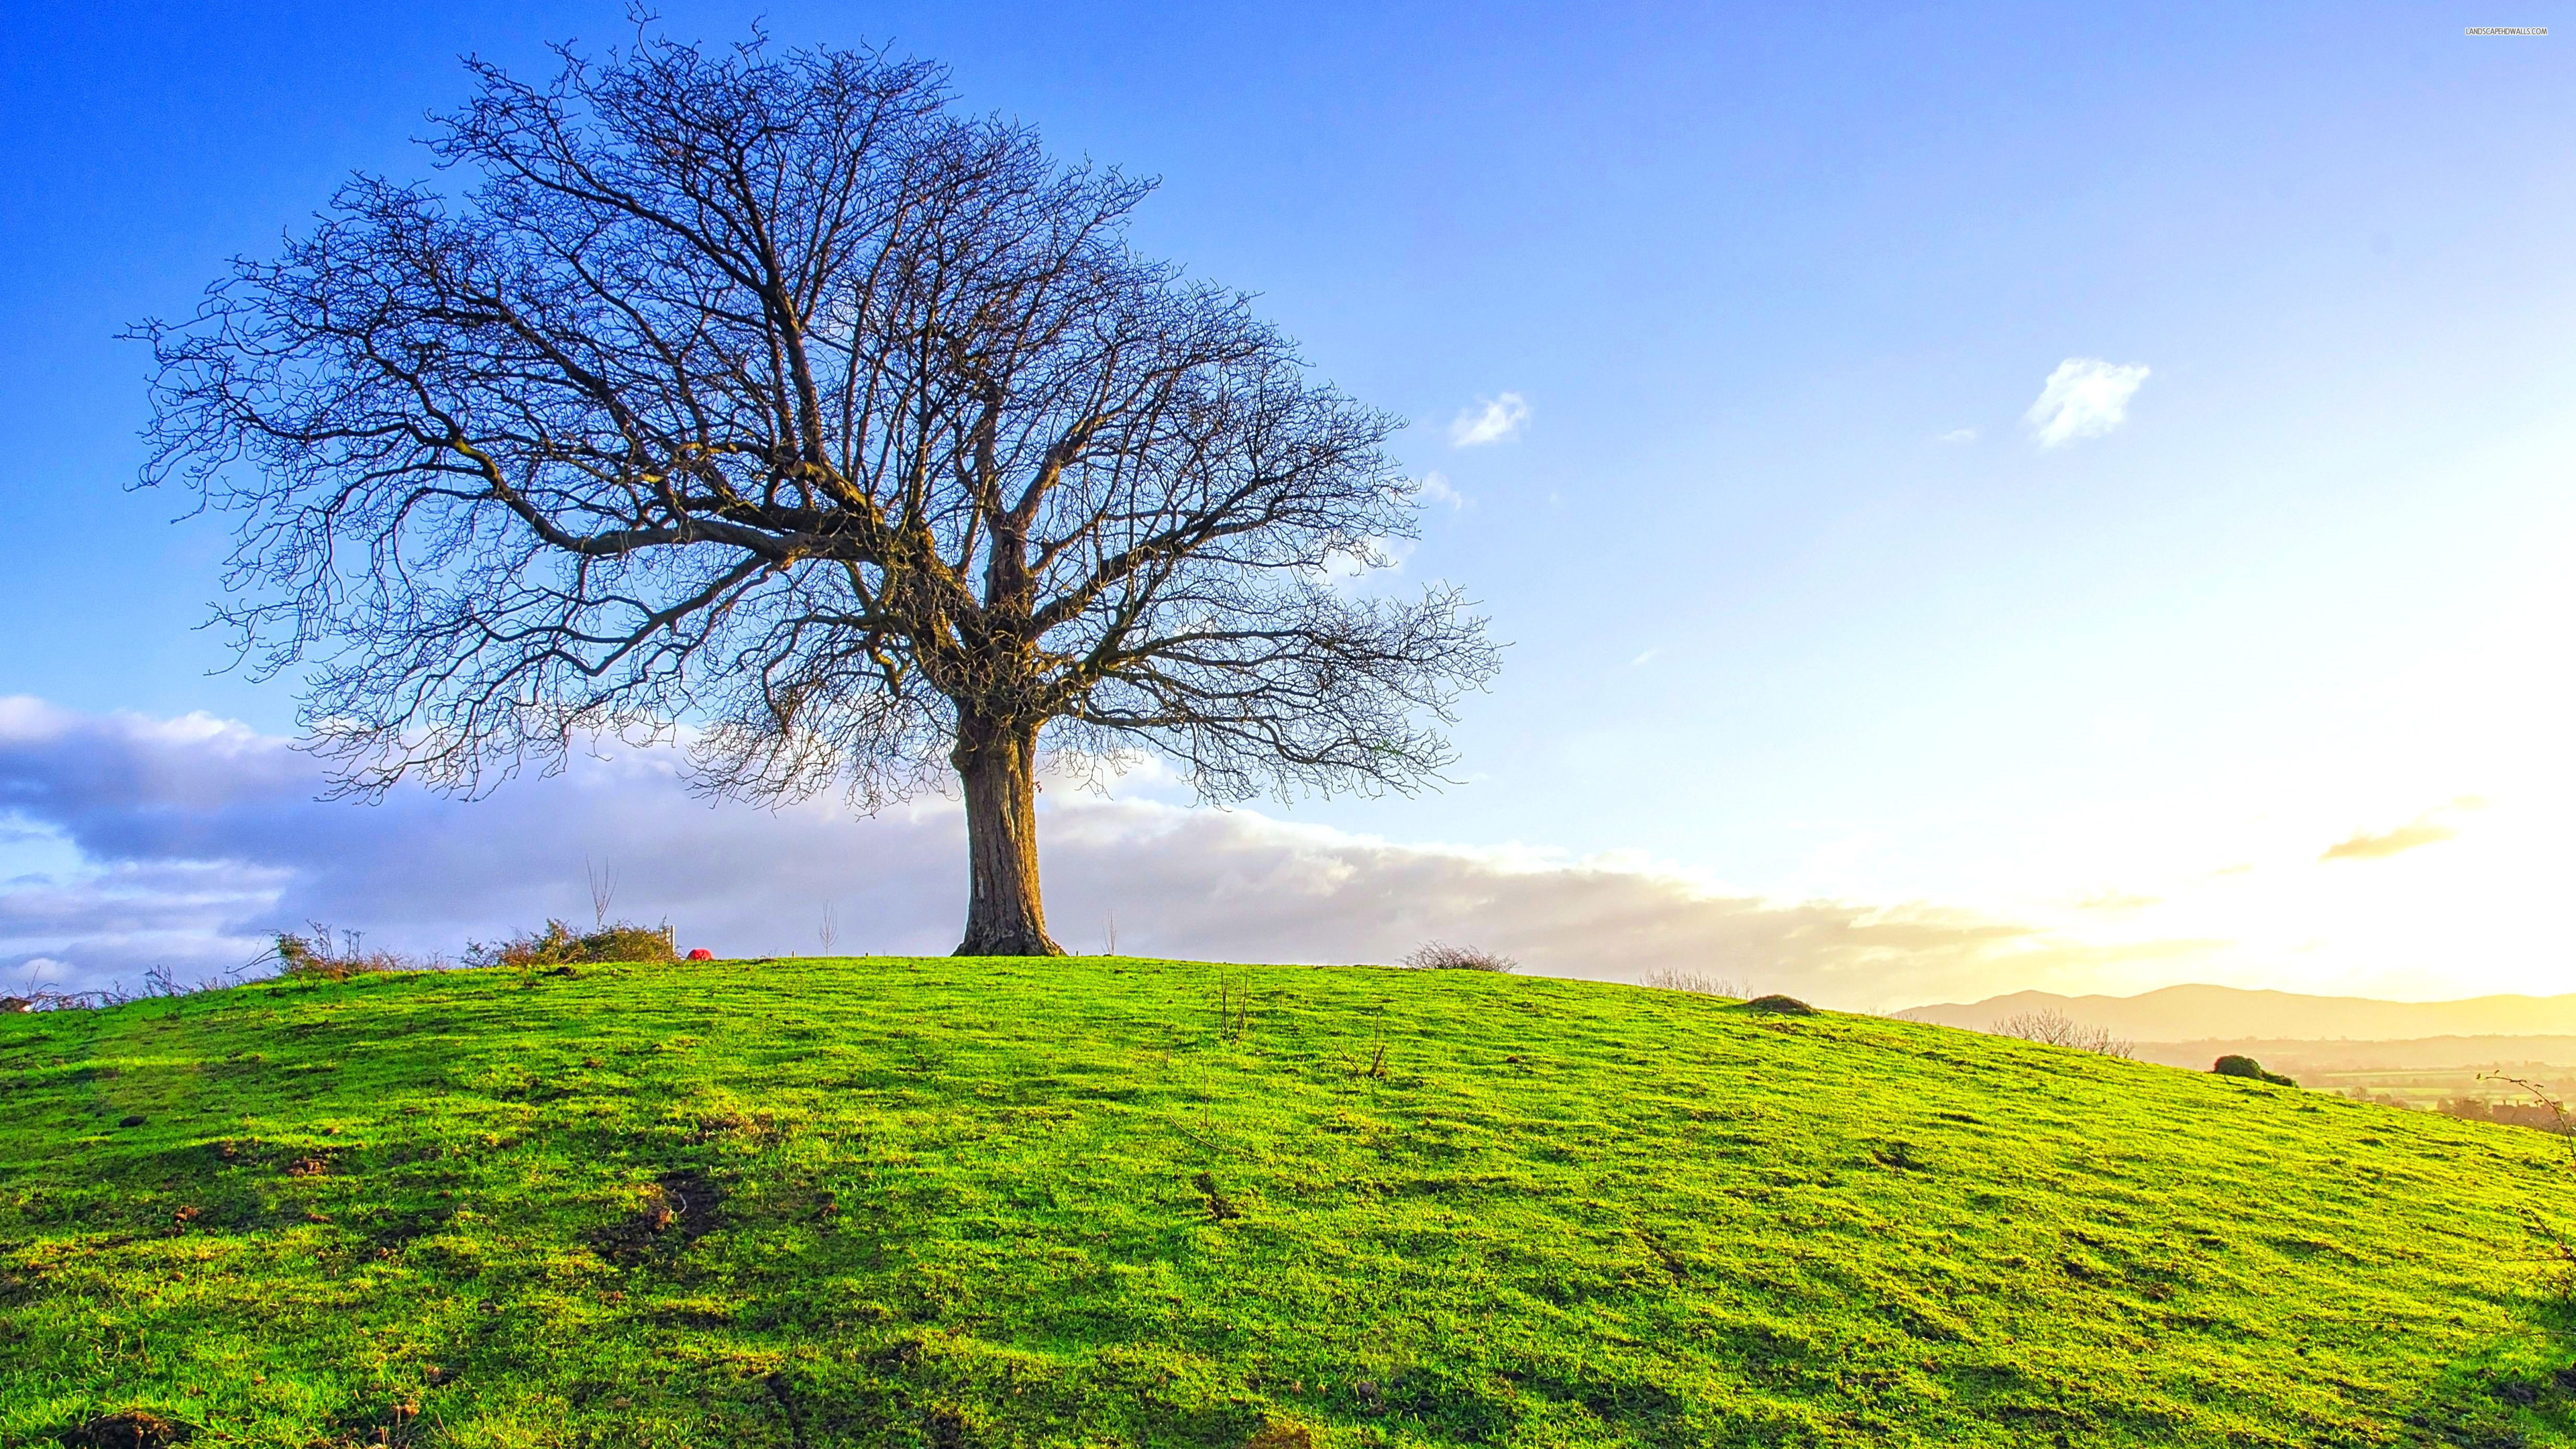 single tree on the green field | wide screen wallpaper 1080p,2k,4k